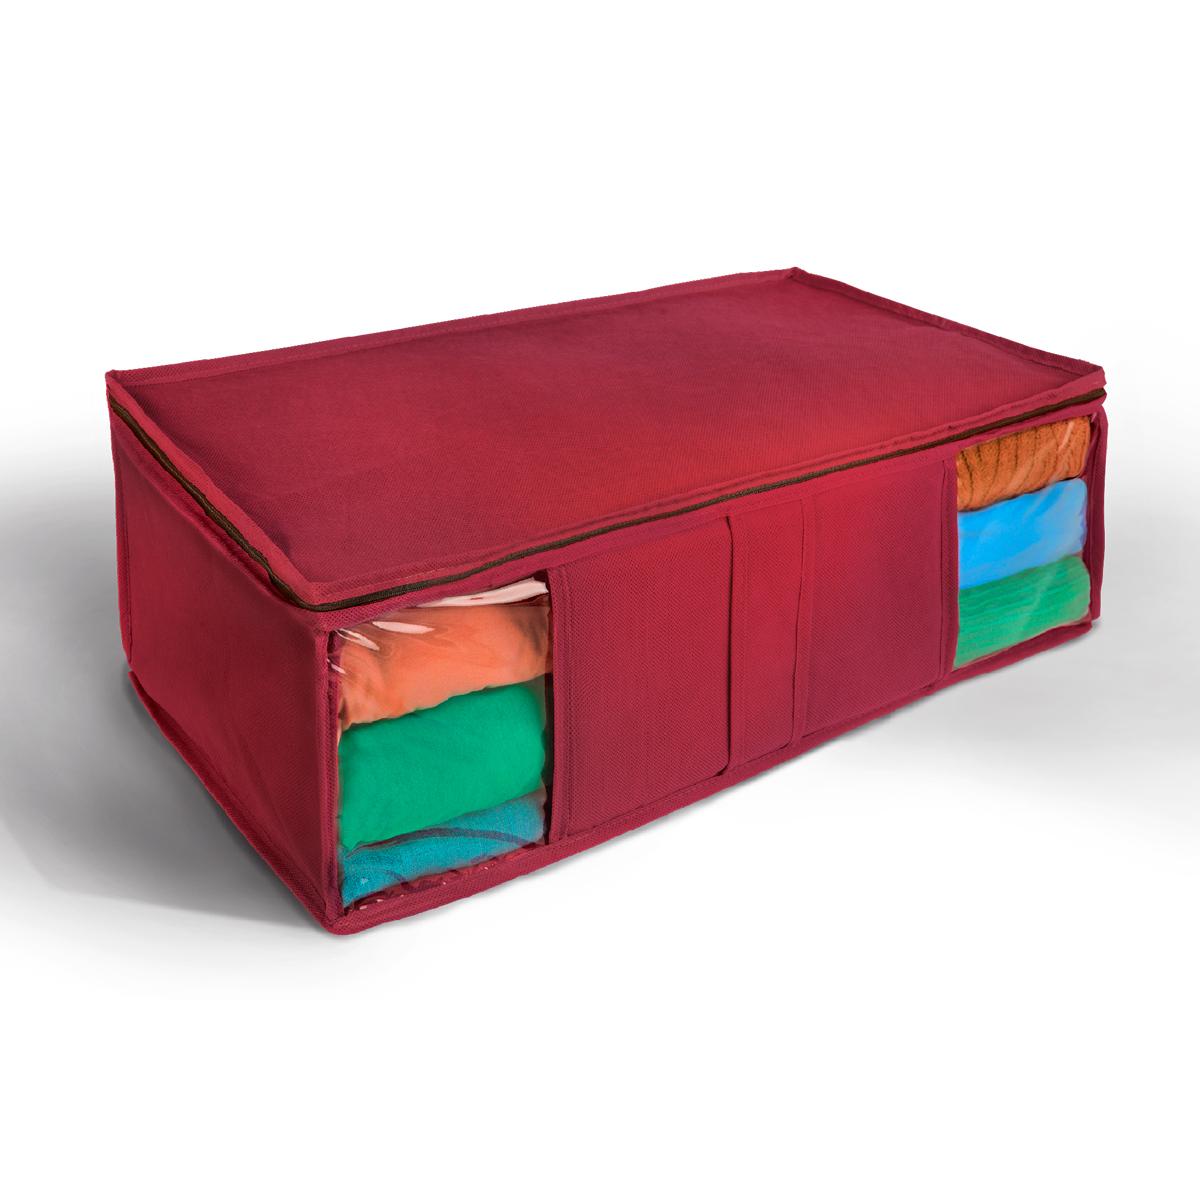 Кофр для хранения Miolla, цвет: зеленый, 60 х 30 х 20 см. CHL-10-4CHL-10-4Ящик текстильный для хранения вещей 60 x 30 x 20 см бордовый